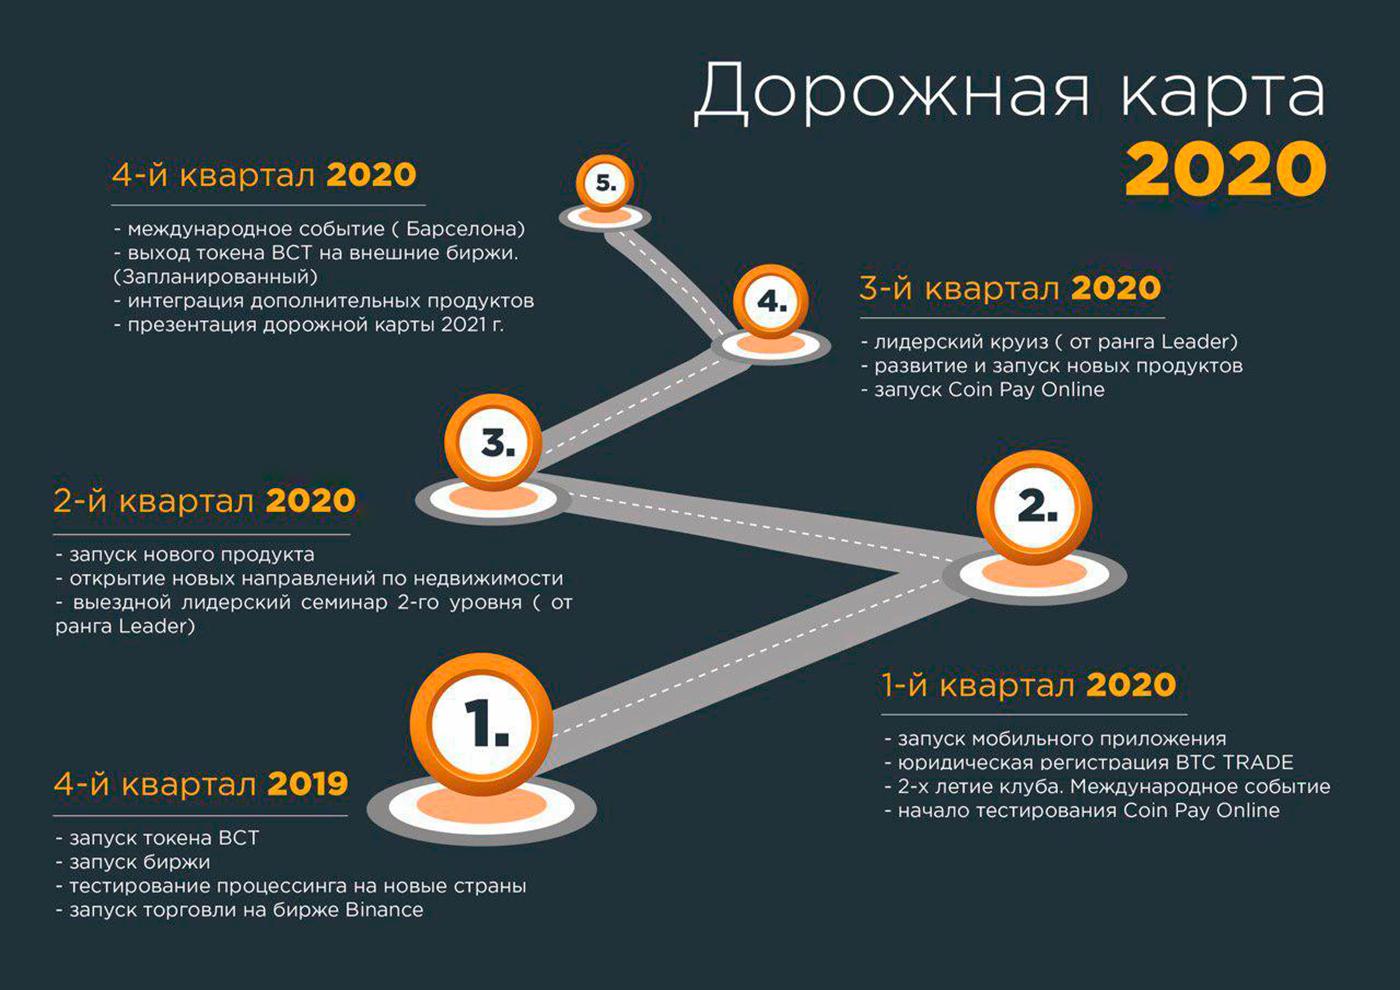 По дорожной карте проекта юридическая регистрация запланирована на первый квартал 2020 года. Карту пока показали только клиентам, в закрытом телеграм-канале